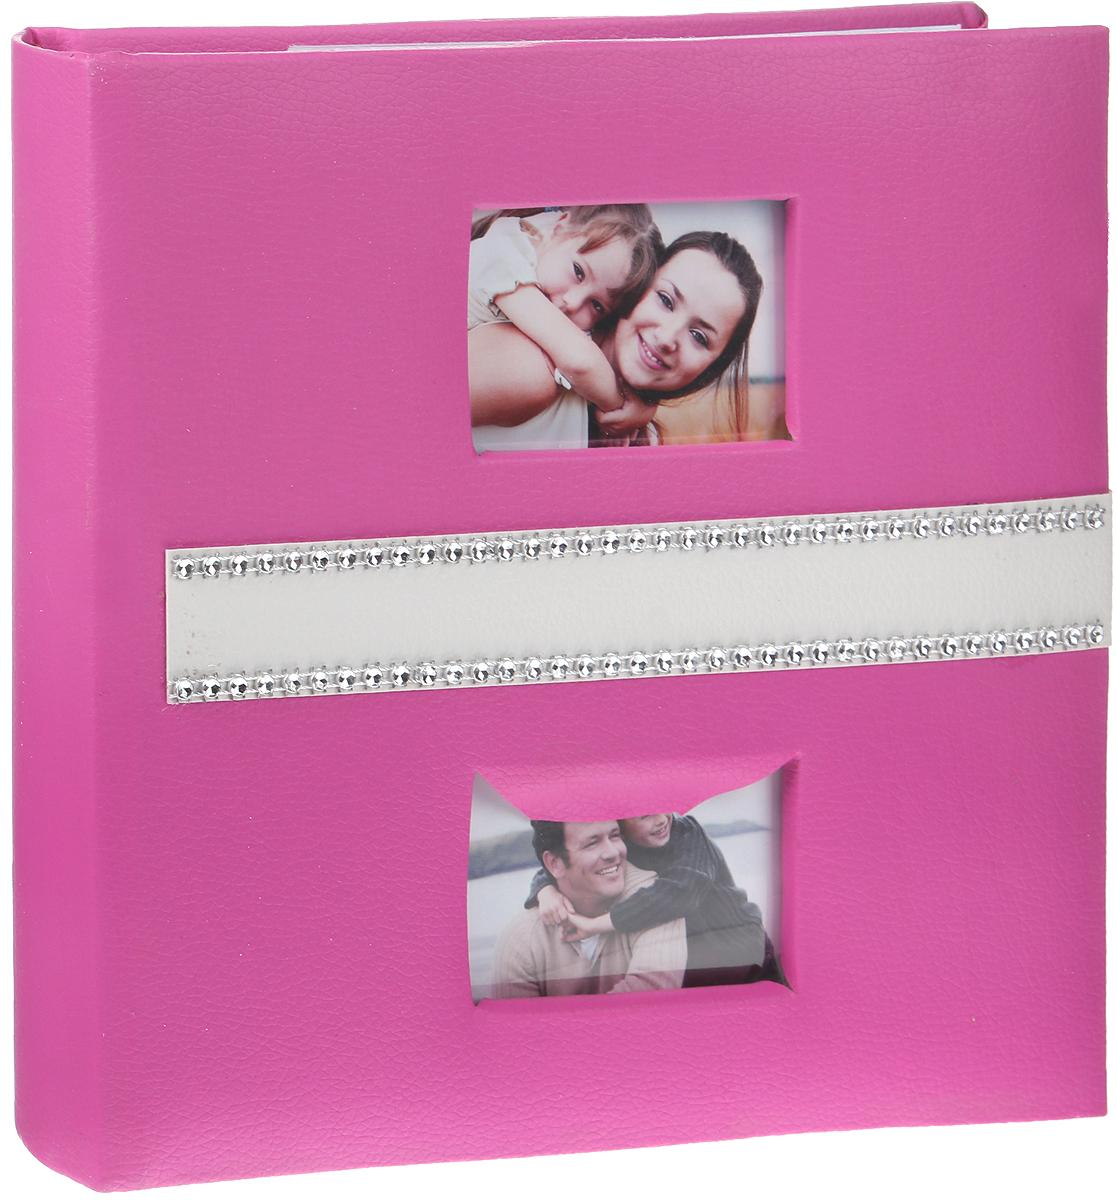 Фото - Фотоальбом Brauberg, с рамкой для фото, цвет: розовый, 20 магнитных листов, 23 x 28 см фотоальбом свадебный brauberg 20 магнитных листов 4 рамки для фото 30 x 32 см